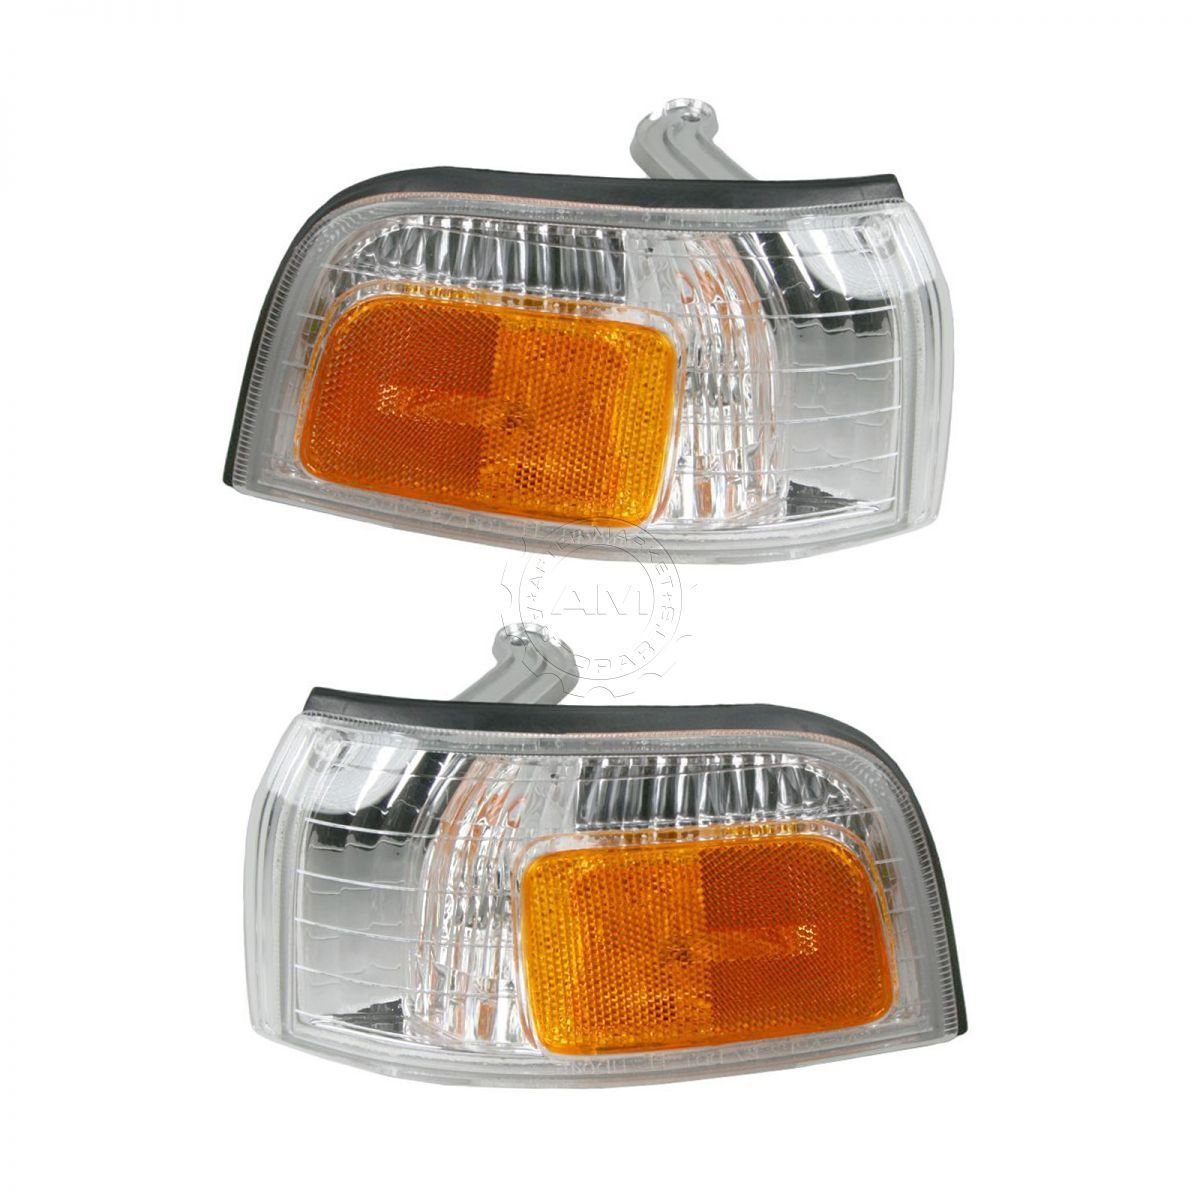 コーナーライト Side Marker Parking Turn Signal Corner Lights Pair Set for 90-91 Honda Accord サイドマーカーパーキングターンシグナルコーナーライトペア90-91ホンダアコード